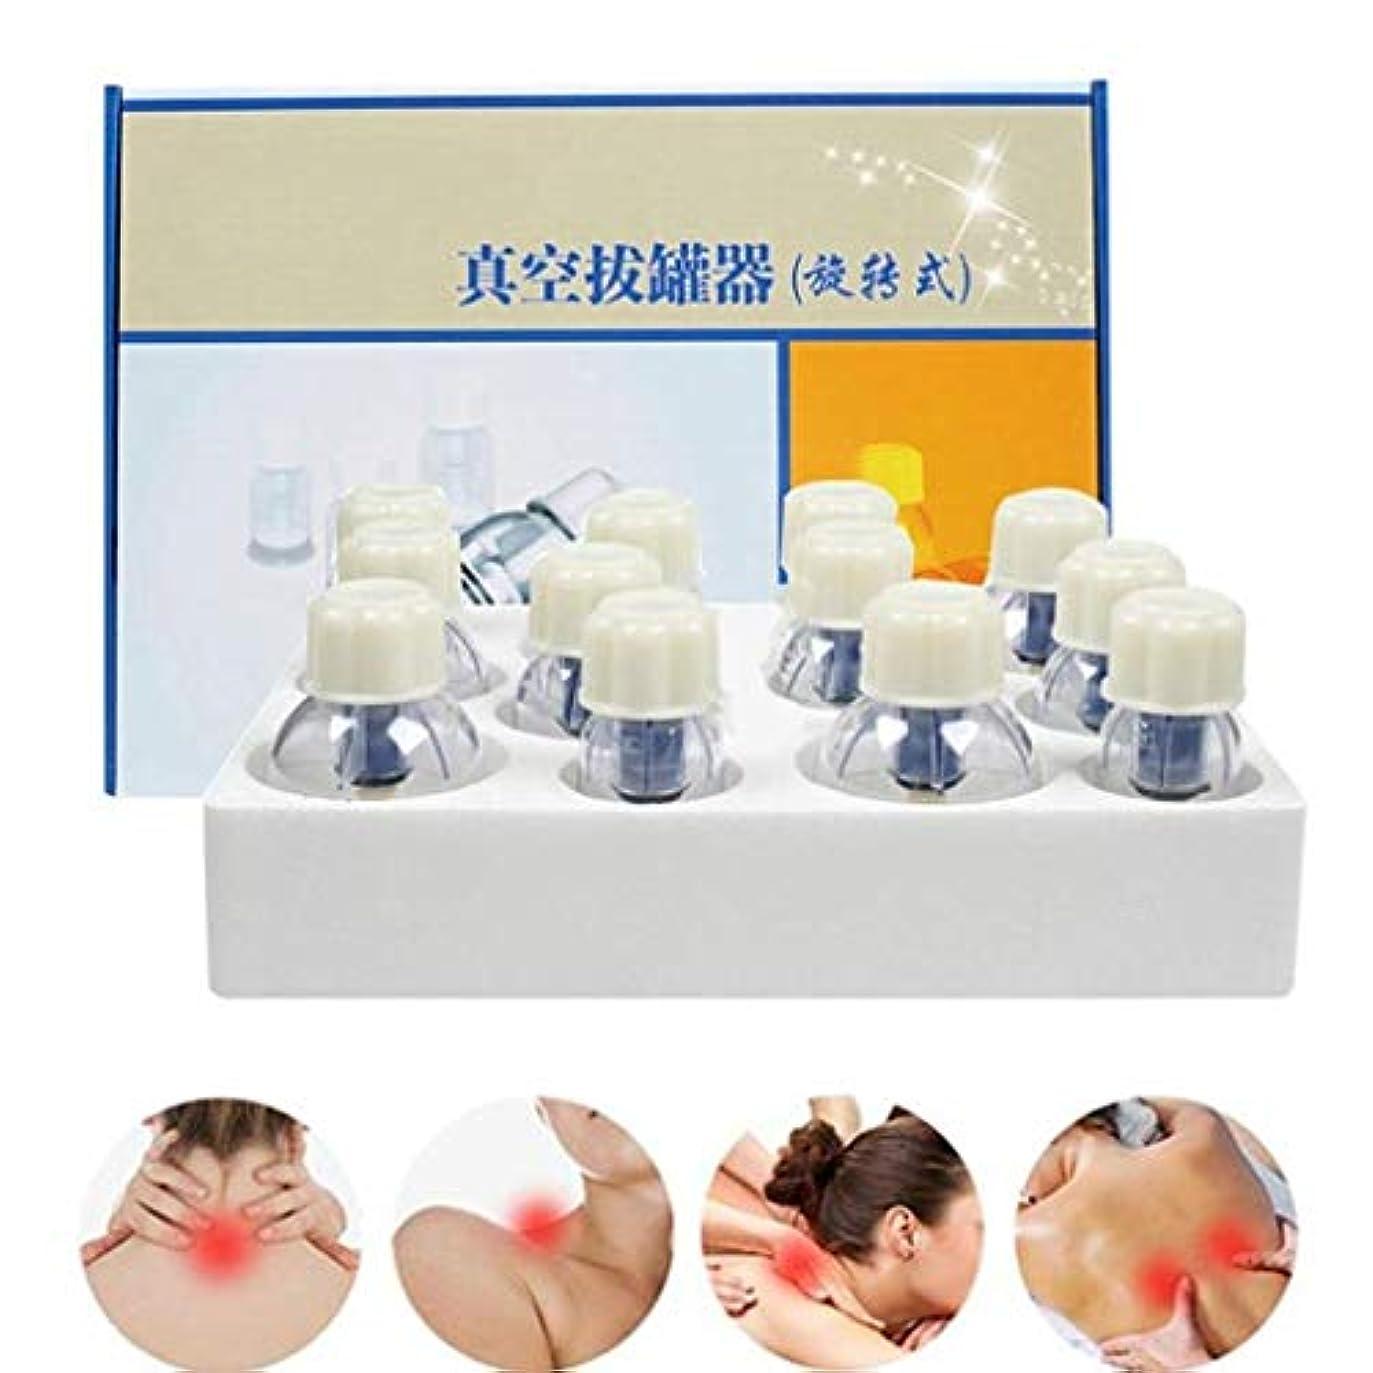 強調レプリカ破裂カッピング、多目的M缶、成人用カッピングマッサージャー、真空マッサージカップ-関節痛、肩と背中の痛み、膝の痛み、Dr子午線の改善